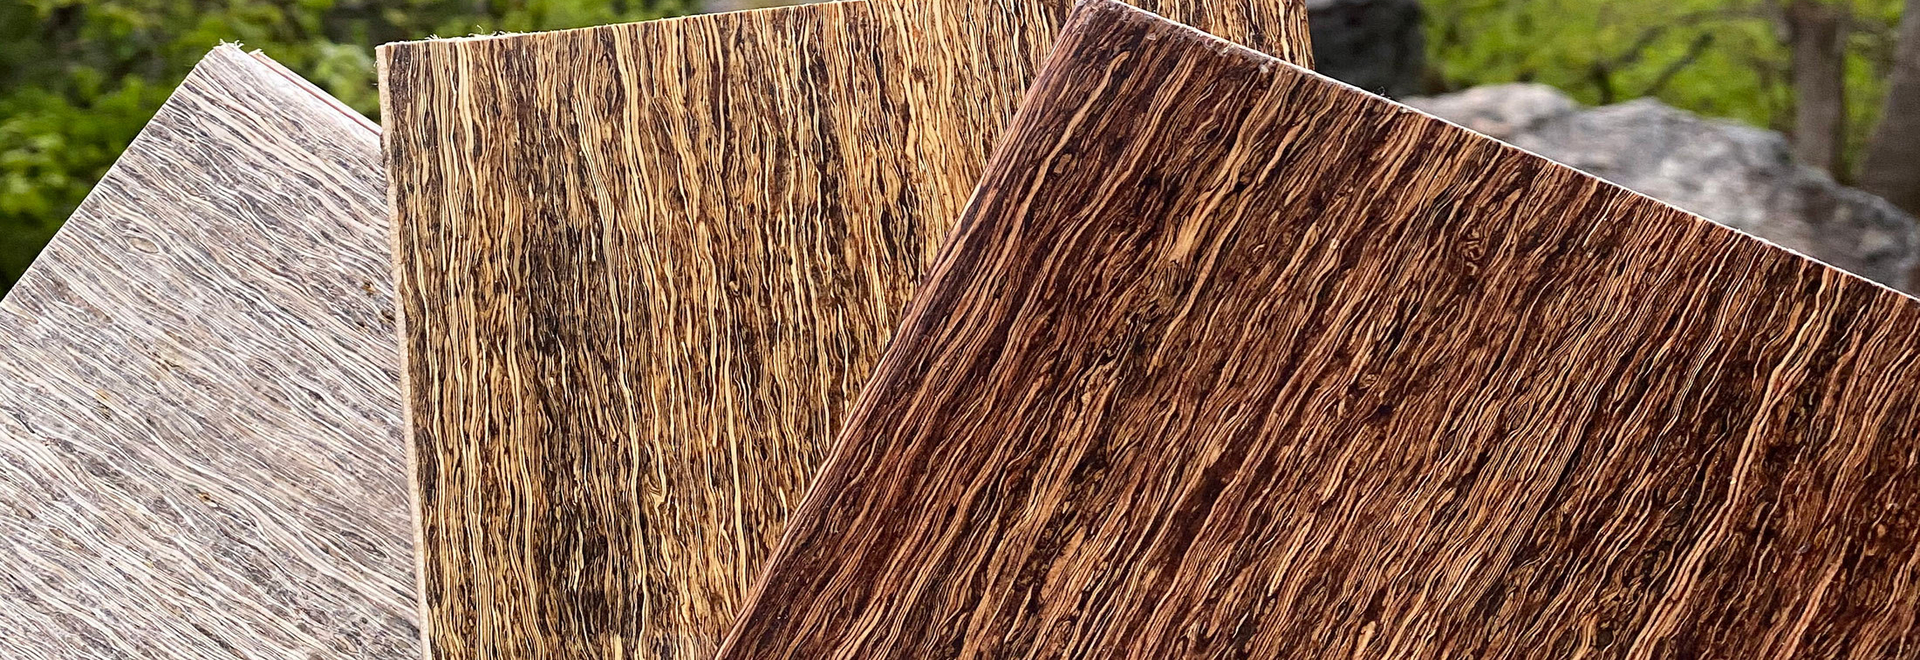 HempWood, più duro del legno duro americano e più ecologico